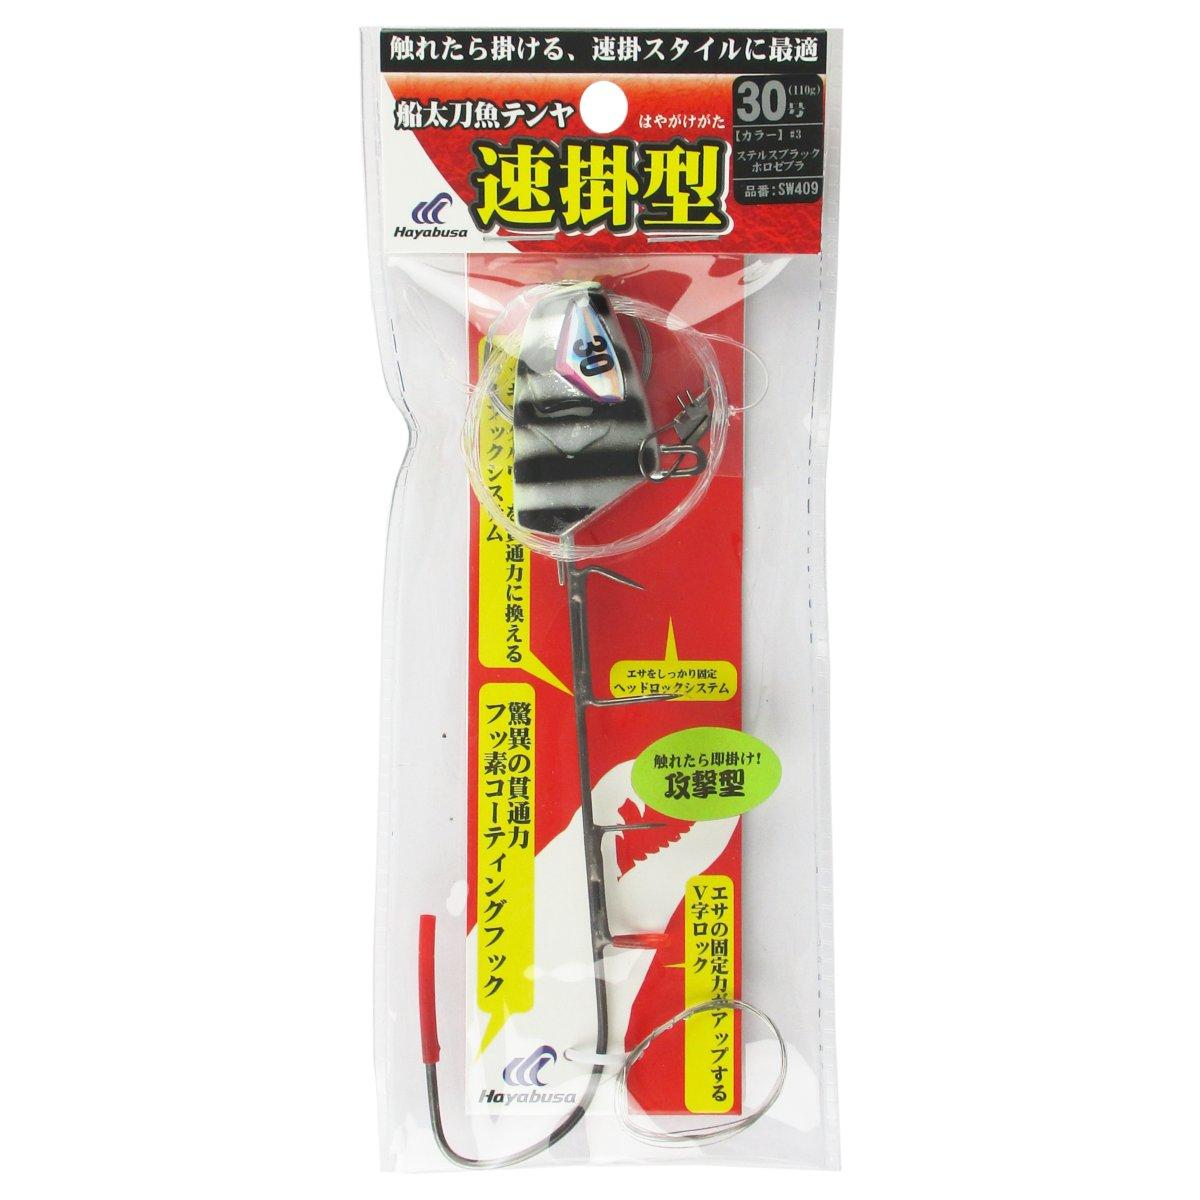 釣具のポイント 現品限り 船太刀魚テンヤ速掛型 本店 フッ素コーティングフック タチウオテンヤ ステルスブラックホロゼブラ 30号 3 特別セール品